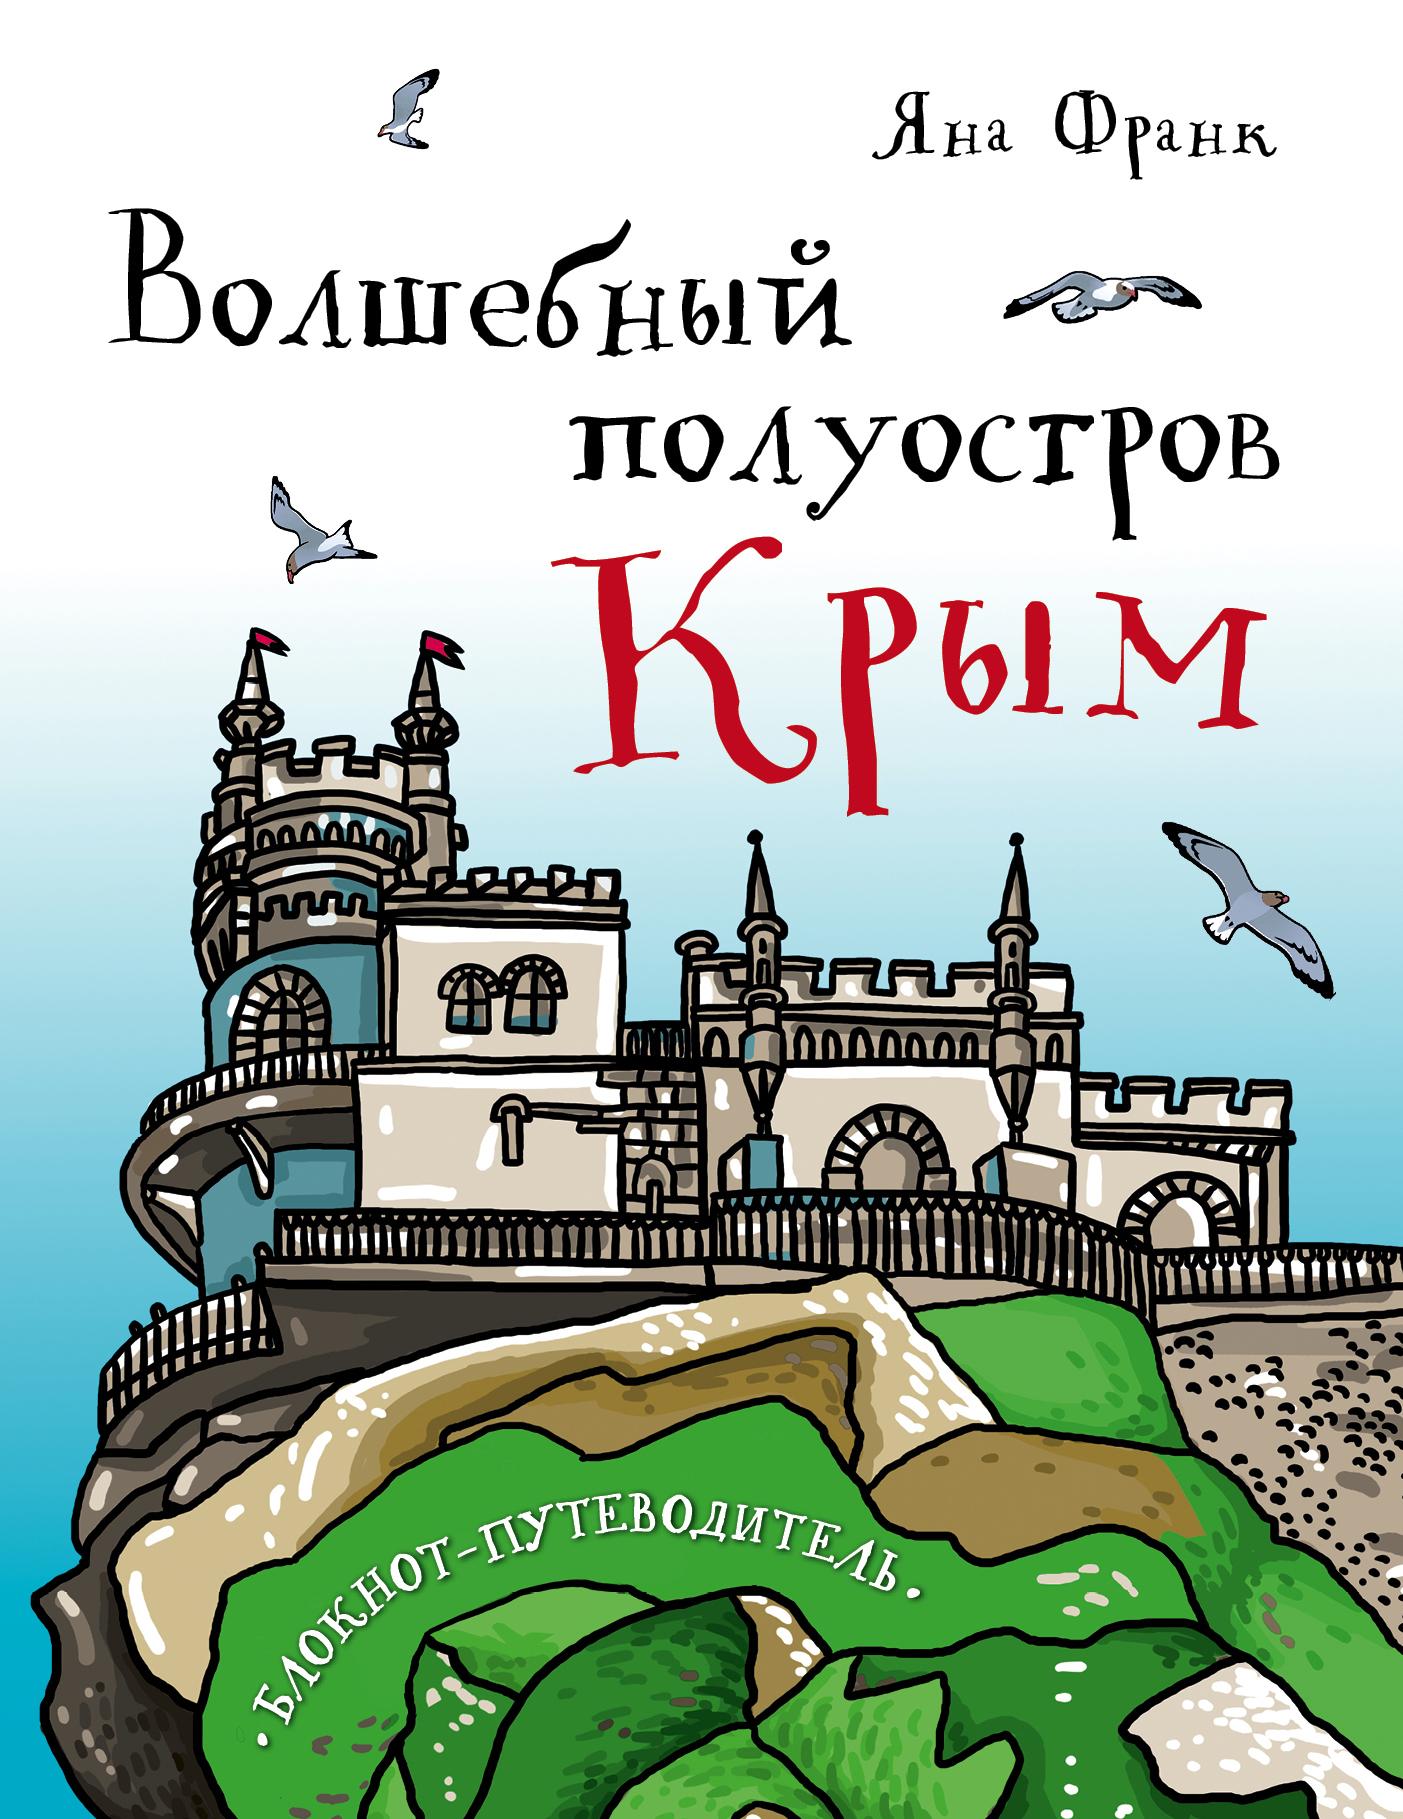 """Книга Яны Франк """"Волшебный полуостров Крым"""" с автографом автора"""